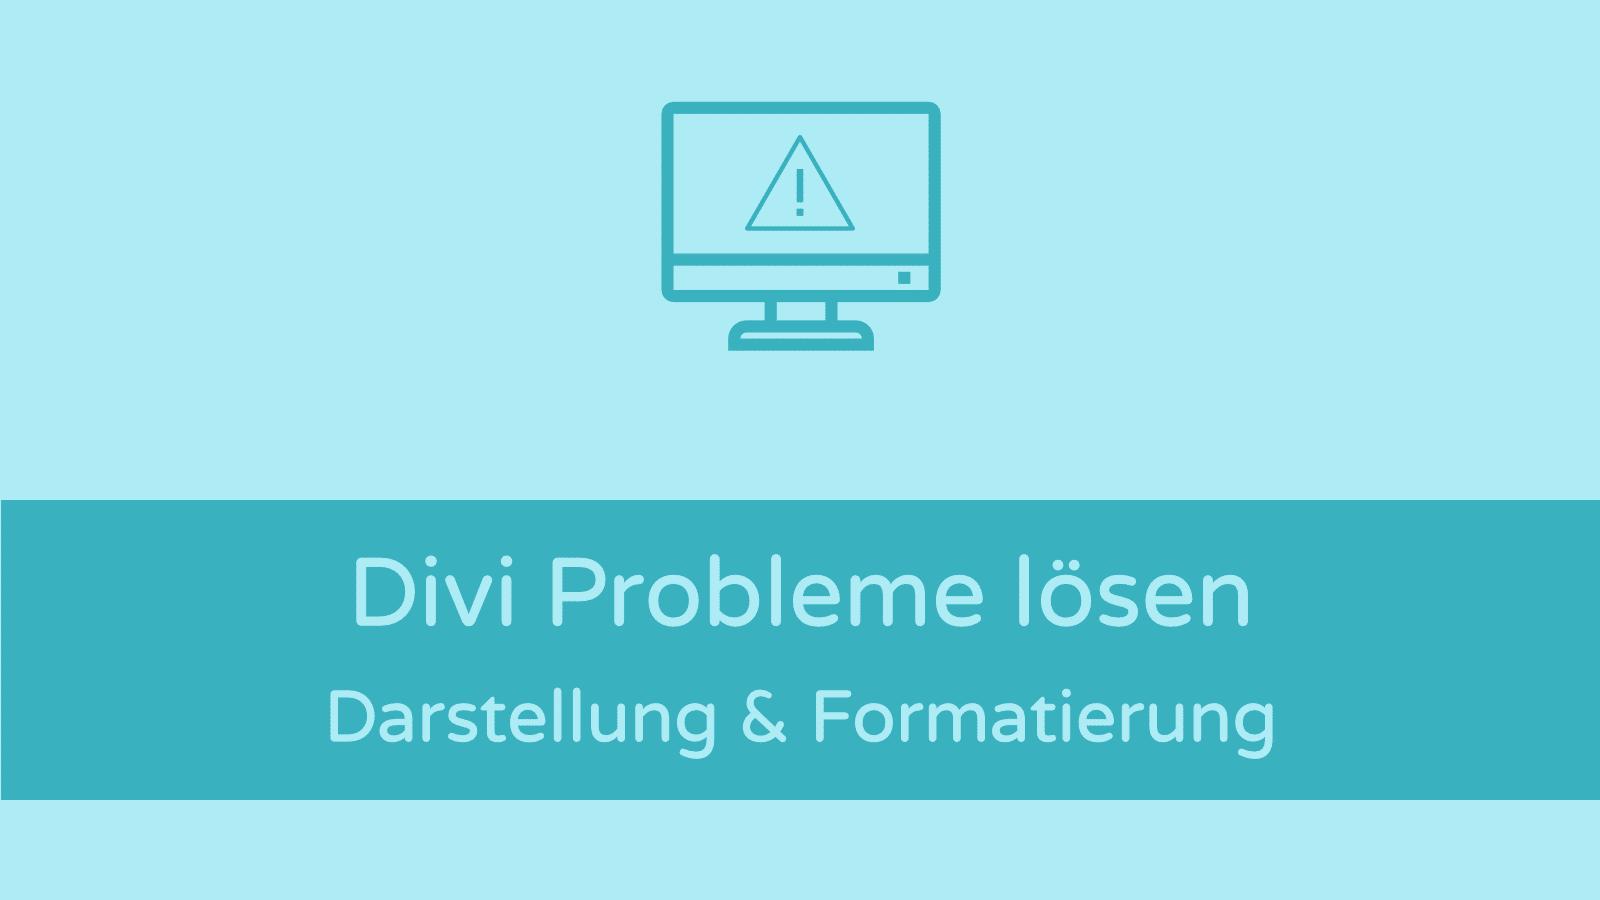 Divi Theme Probleme: Darstellung & Formatierung